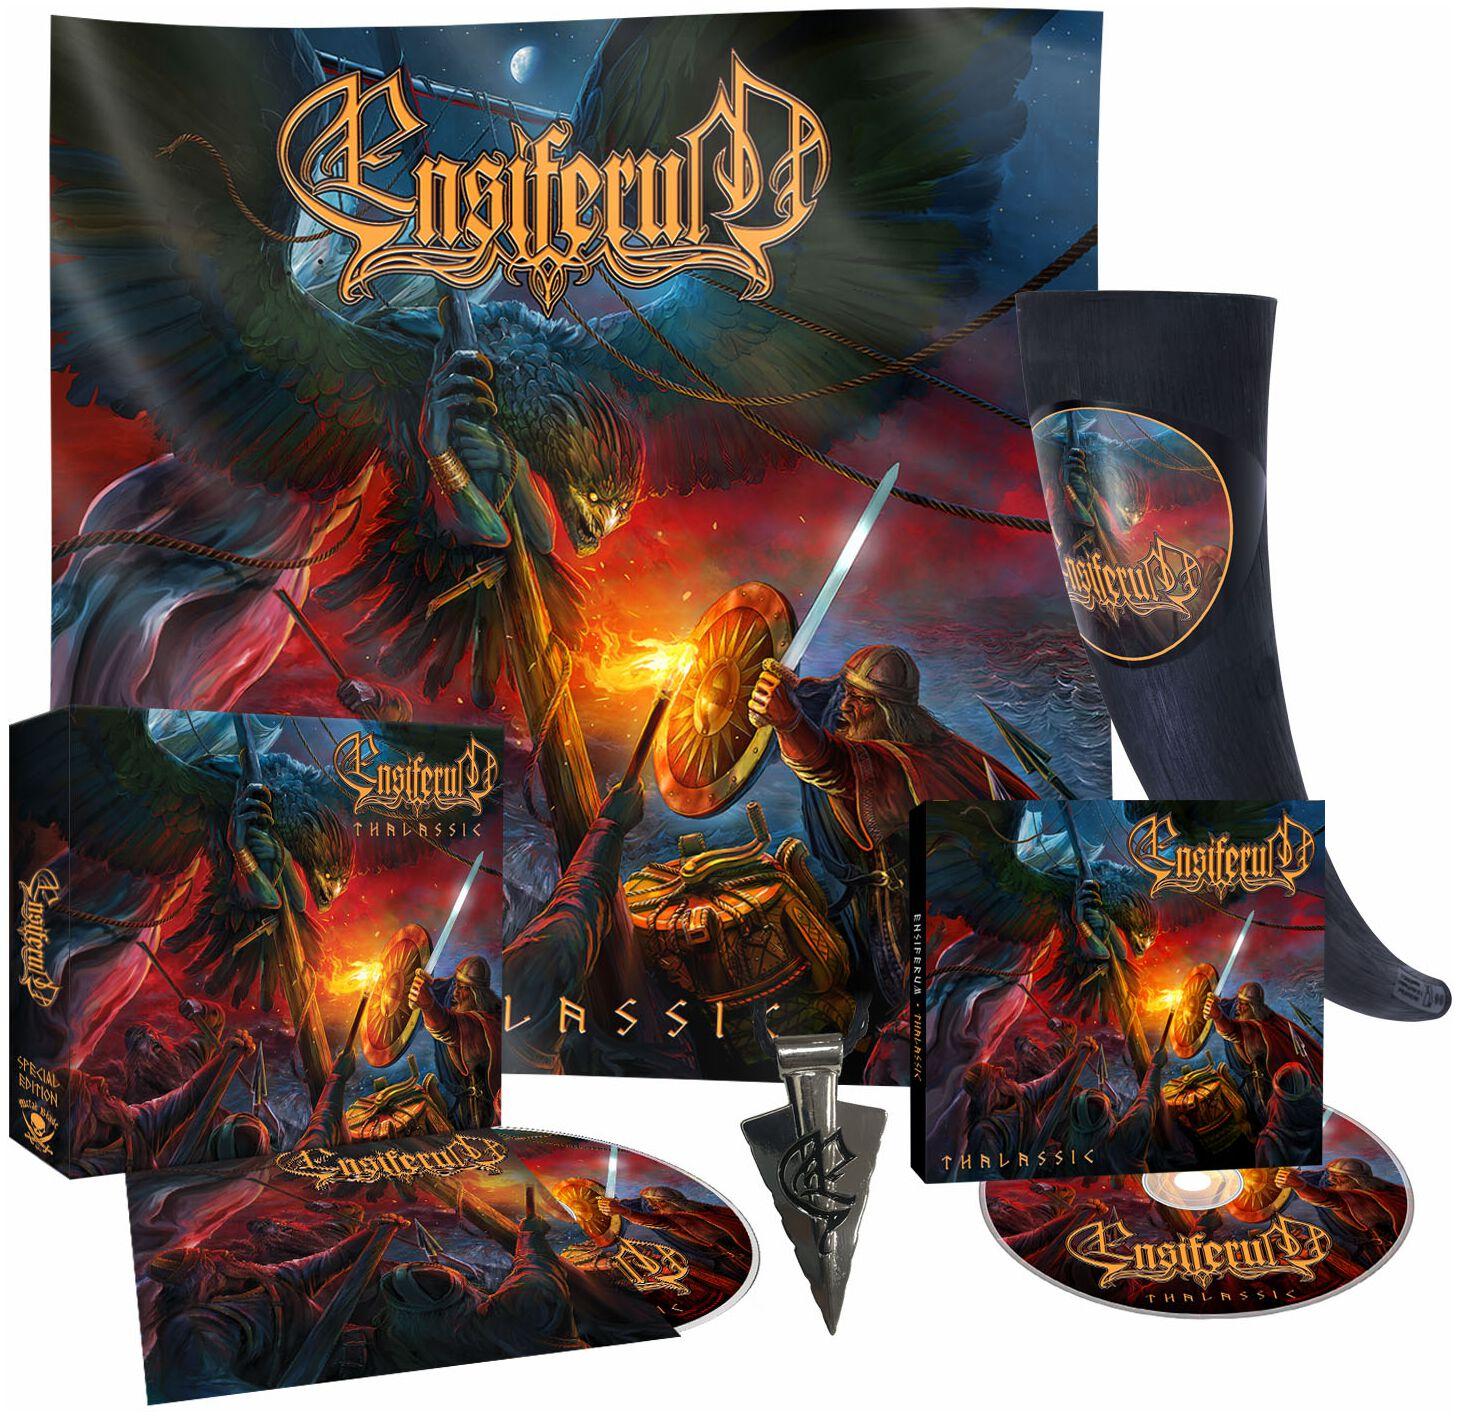 Image of Ensiferum Thalassic 2-CD & Trinkhorn Standard